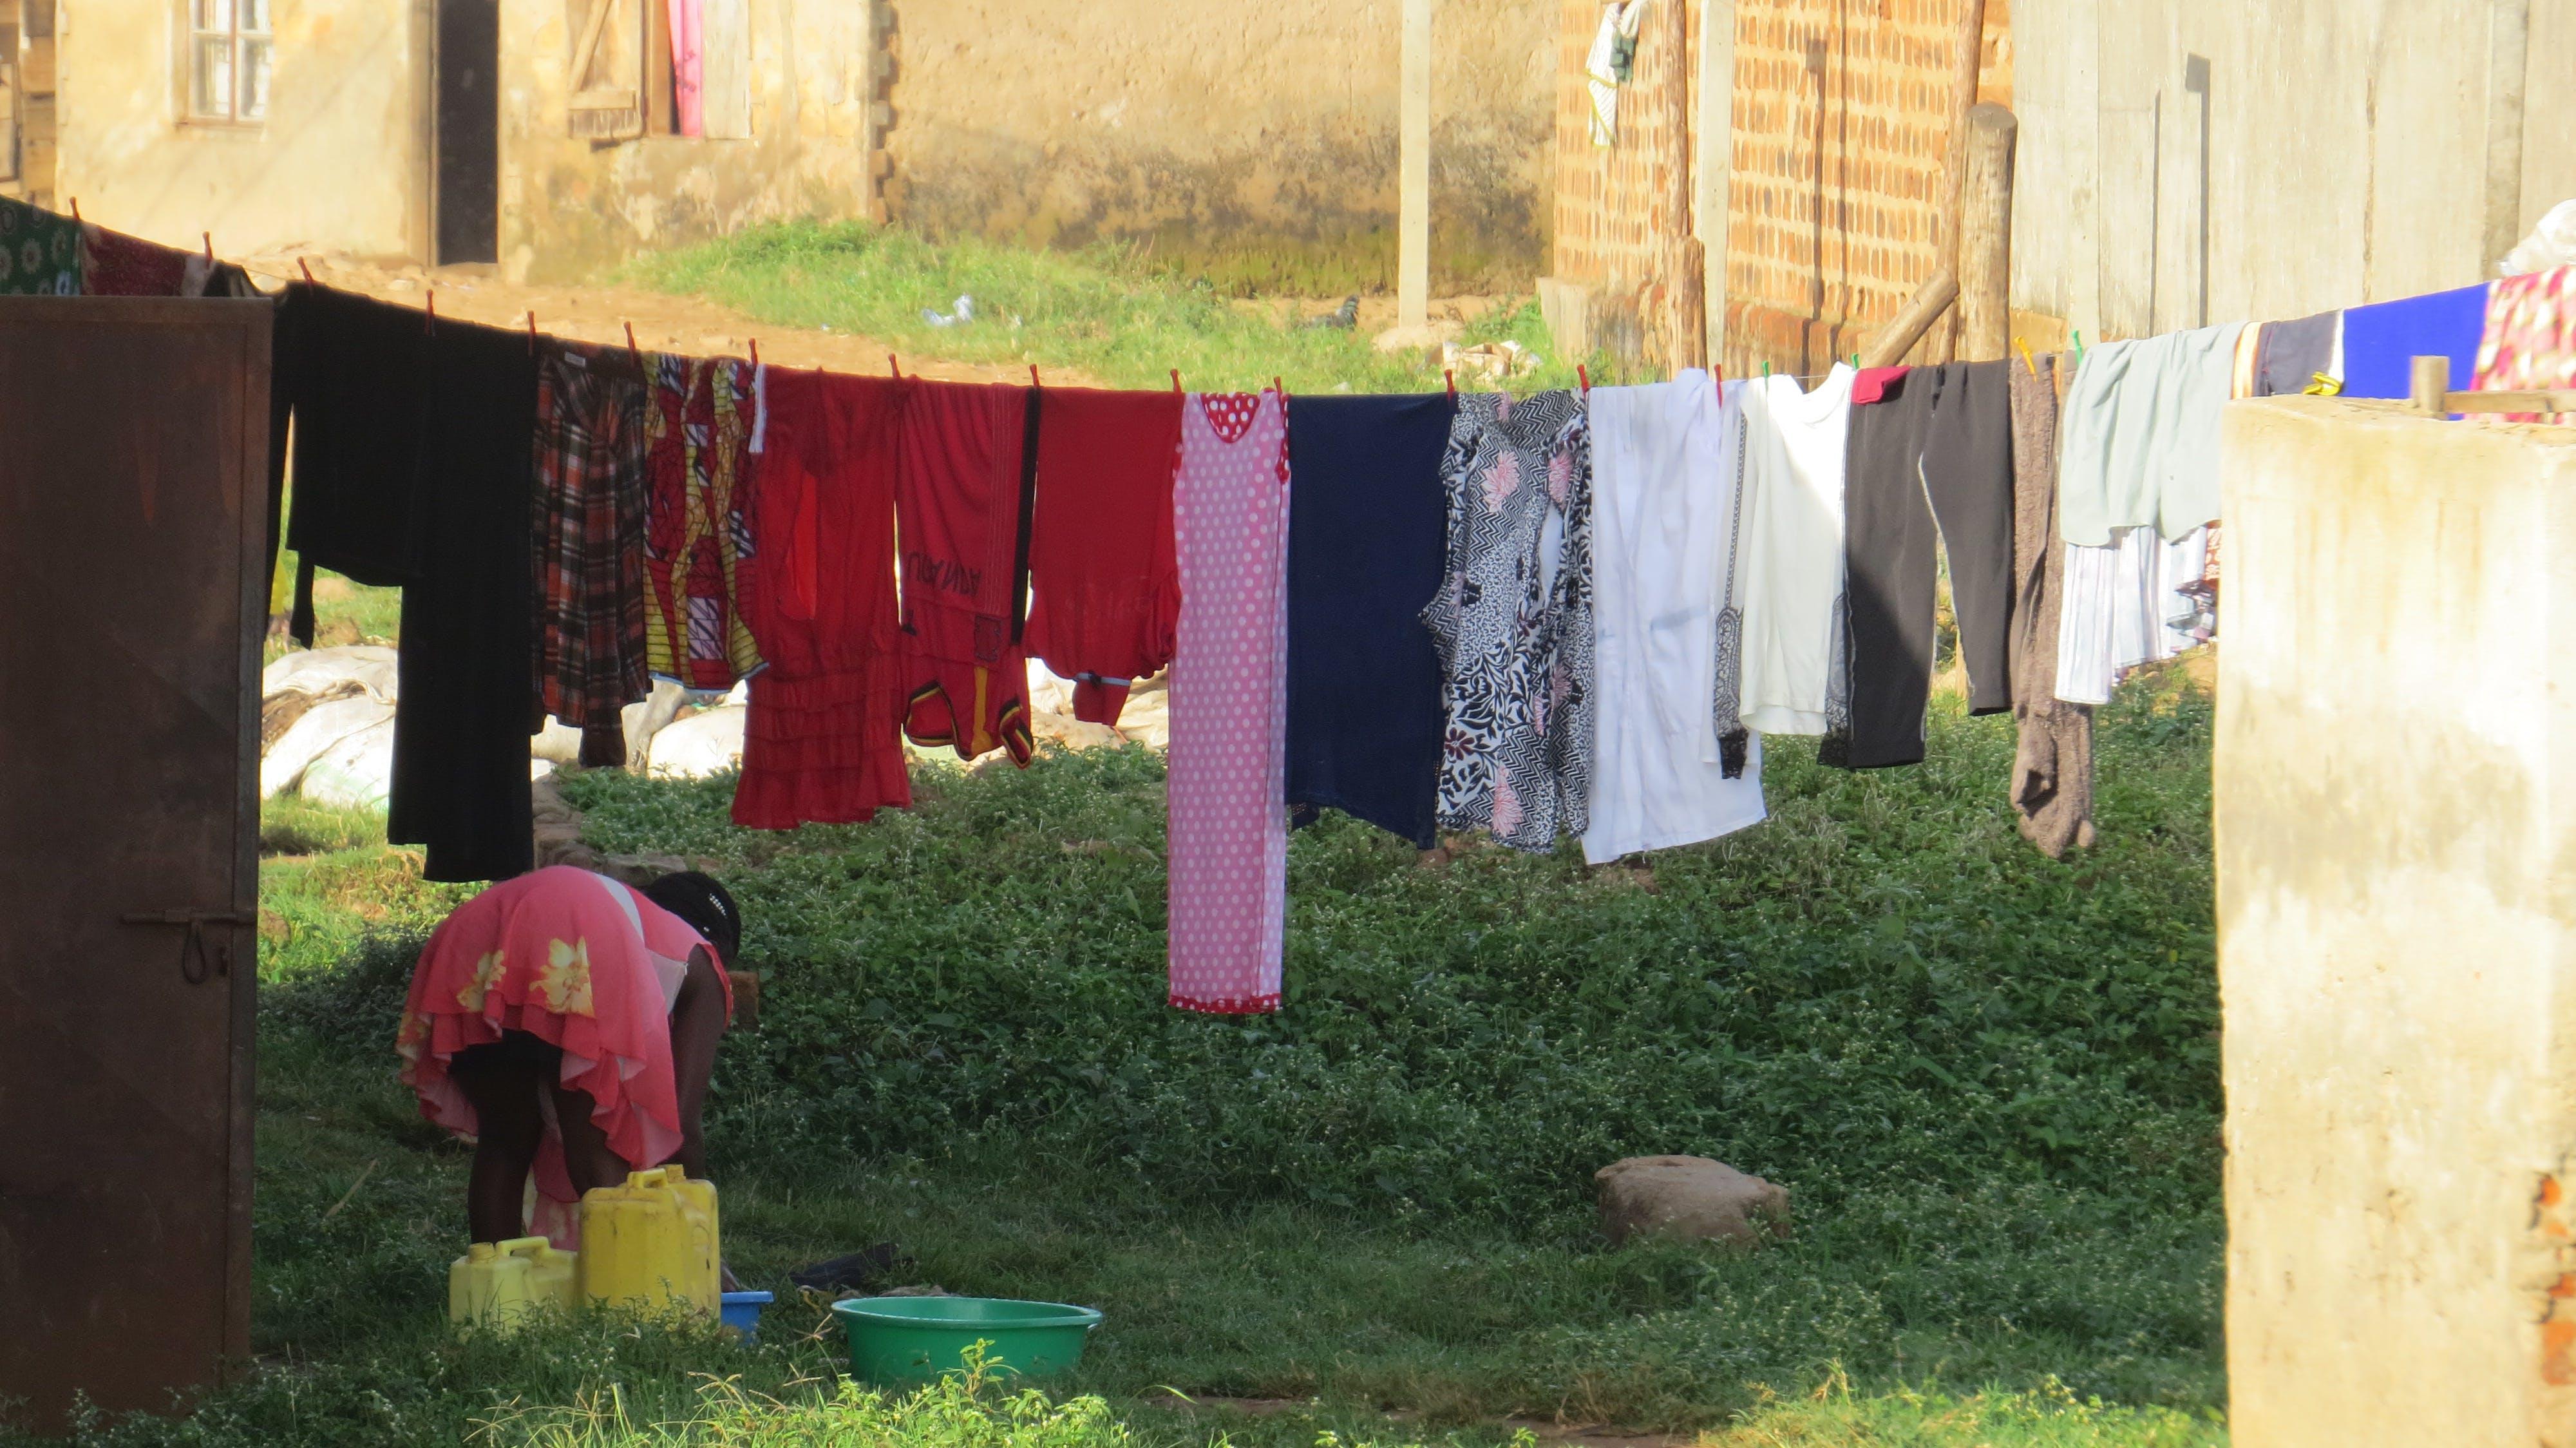 Δωρεάν στοκ φωτογραφιών με Αφρικανή, Αφρική, καμπάλα, ουγκάντα